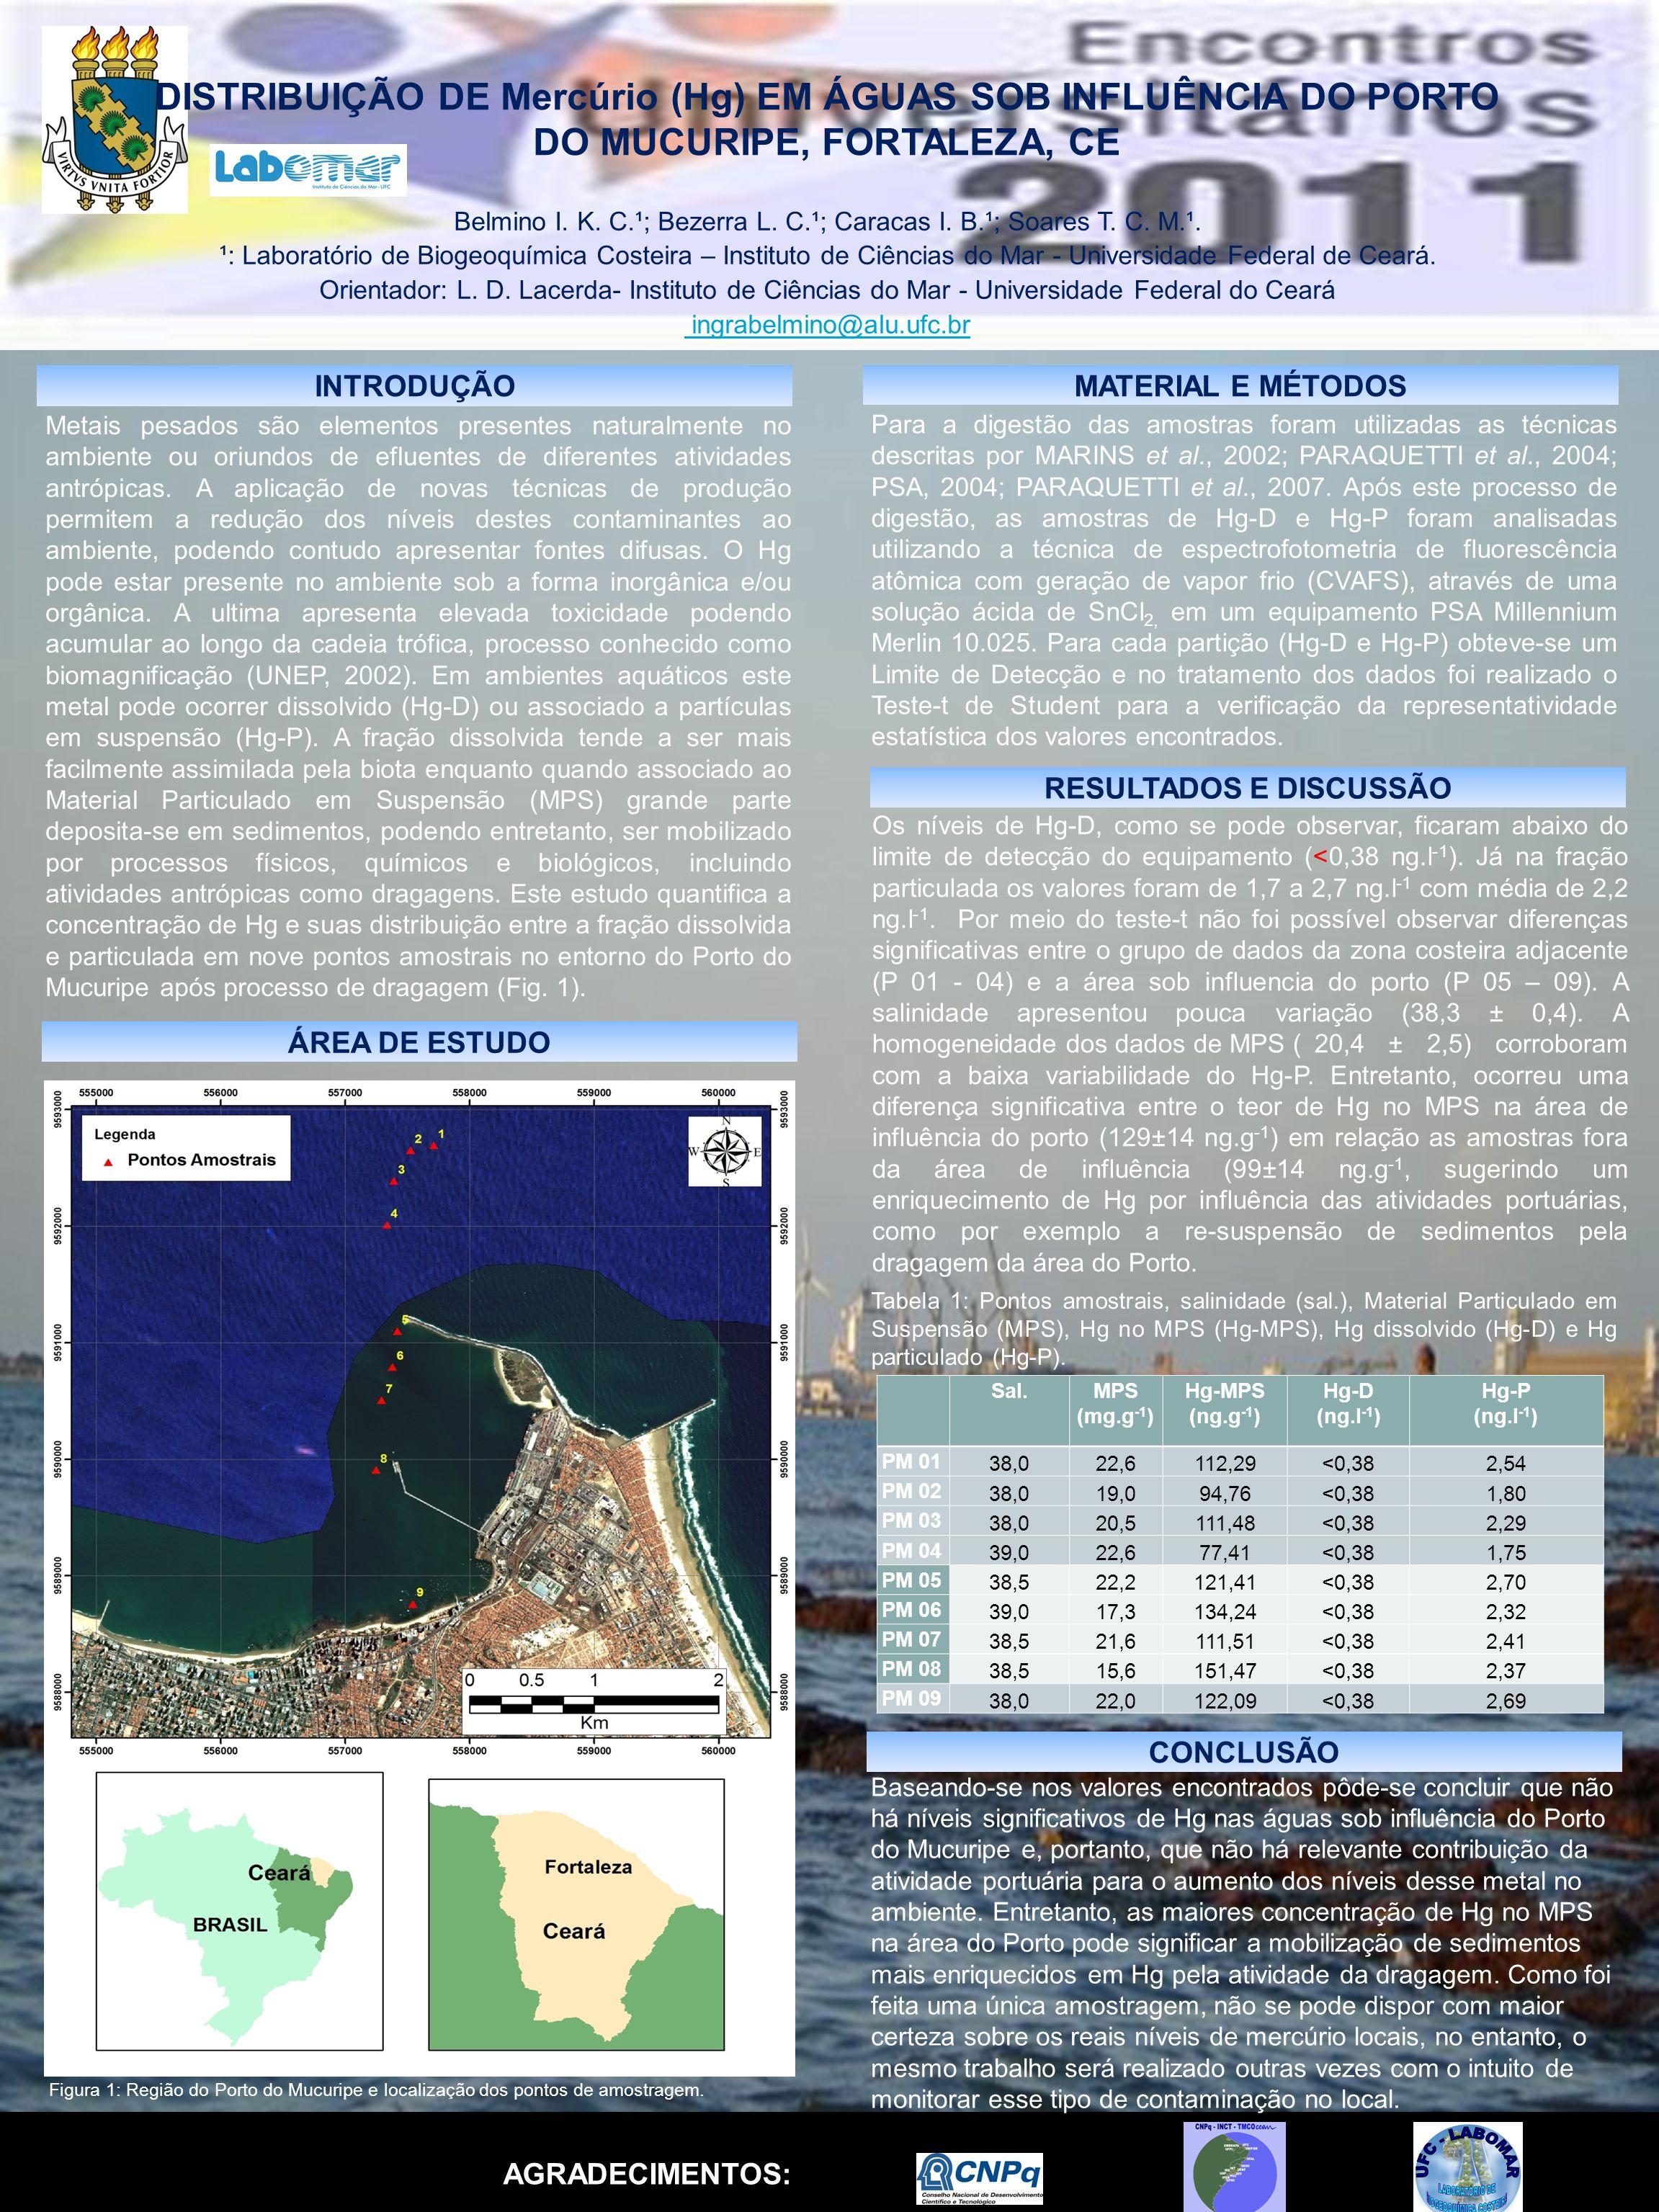 Belmino I. K. C.¹; Bezerra L. C.¹; Caracas I. B.¹; Soares T. C. M.¹. ¹: Laboratório de Biogeoquímica Costeira – Instituto de Ciências do Mar - Univers